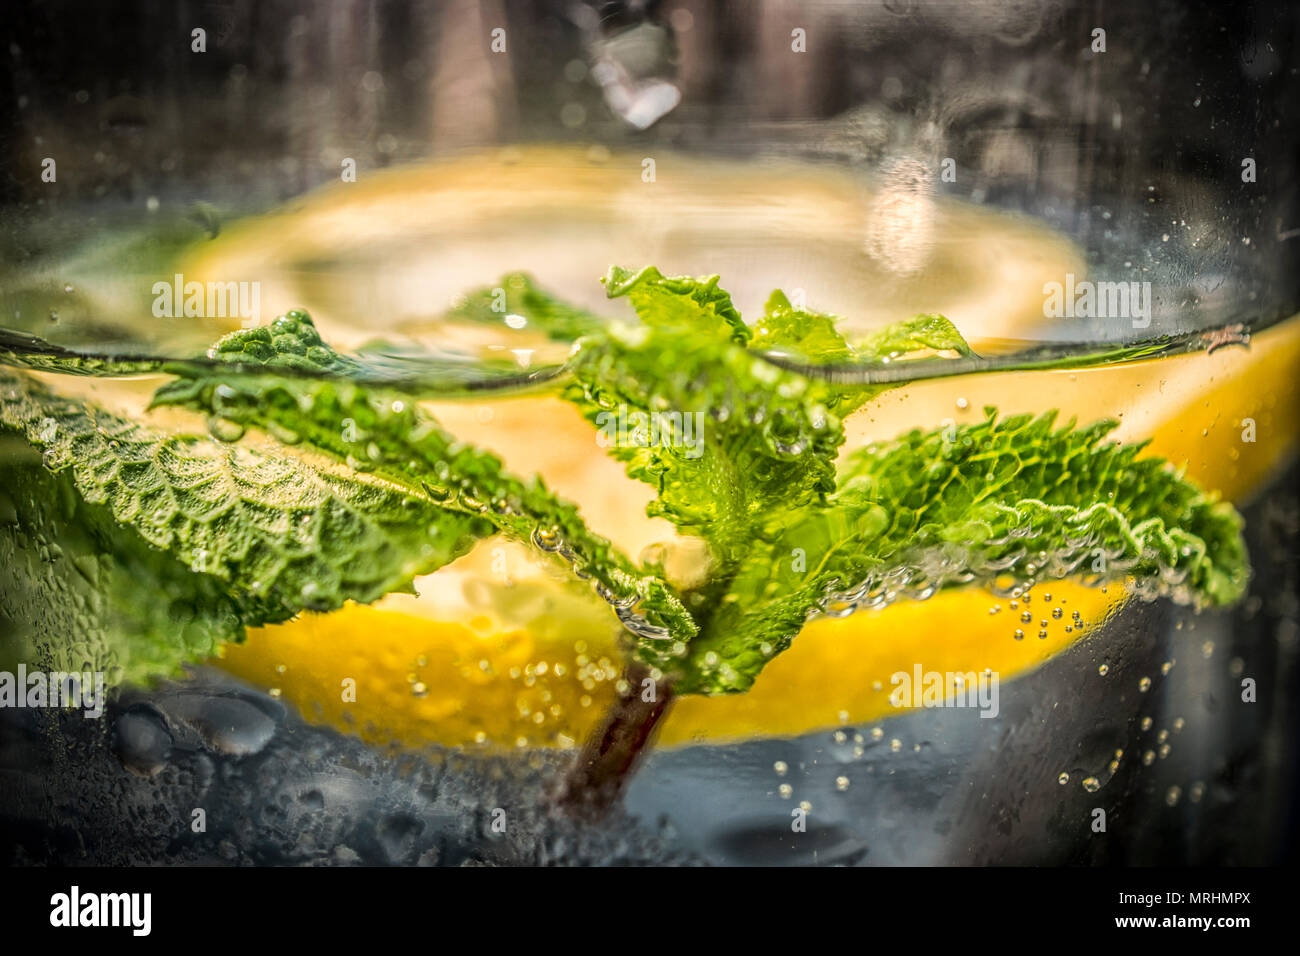 Mineralwasser mit Zitrone und Minze Stockbild